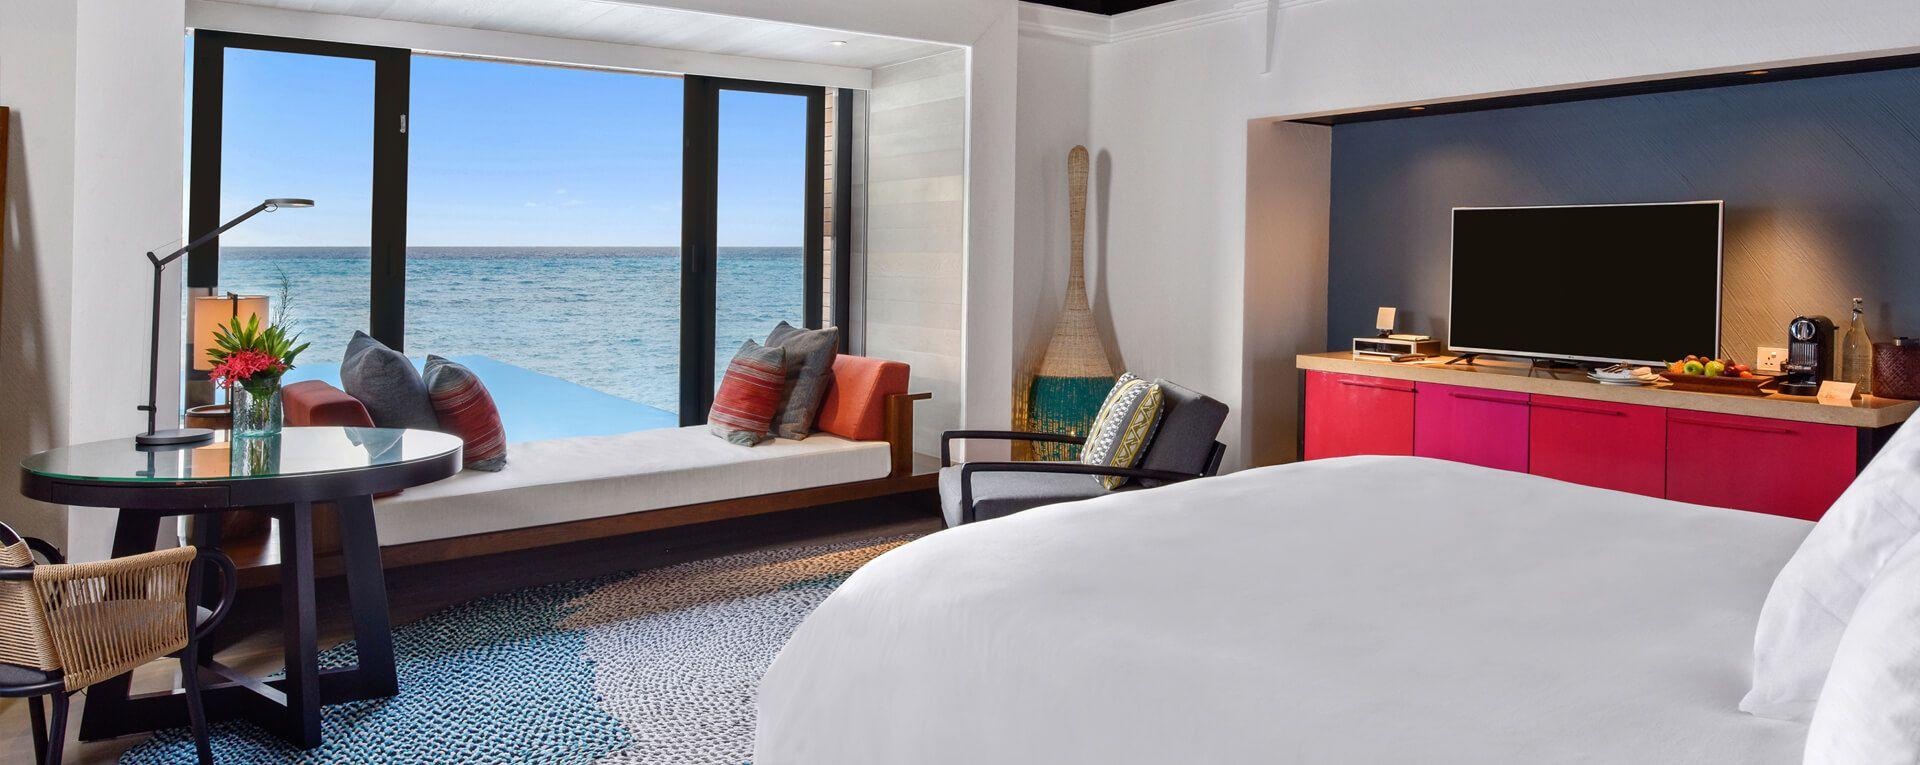 Four Seasons Resort Maldives at Kuda Huraa